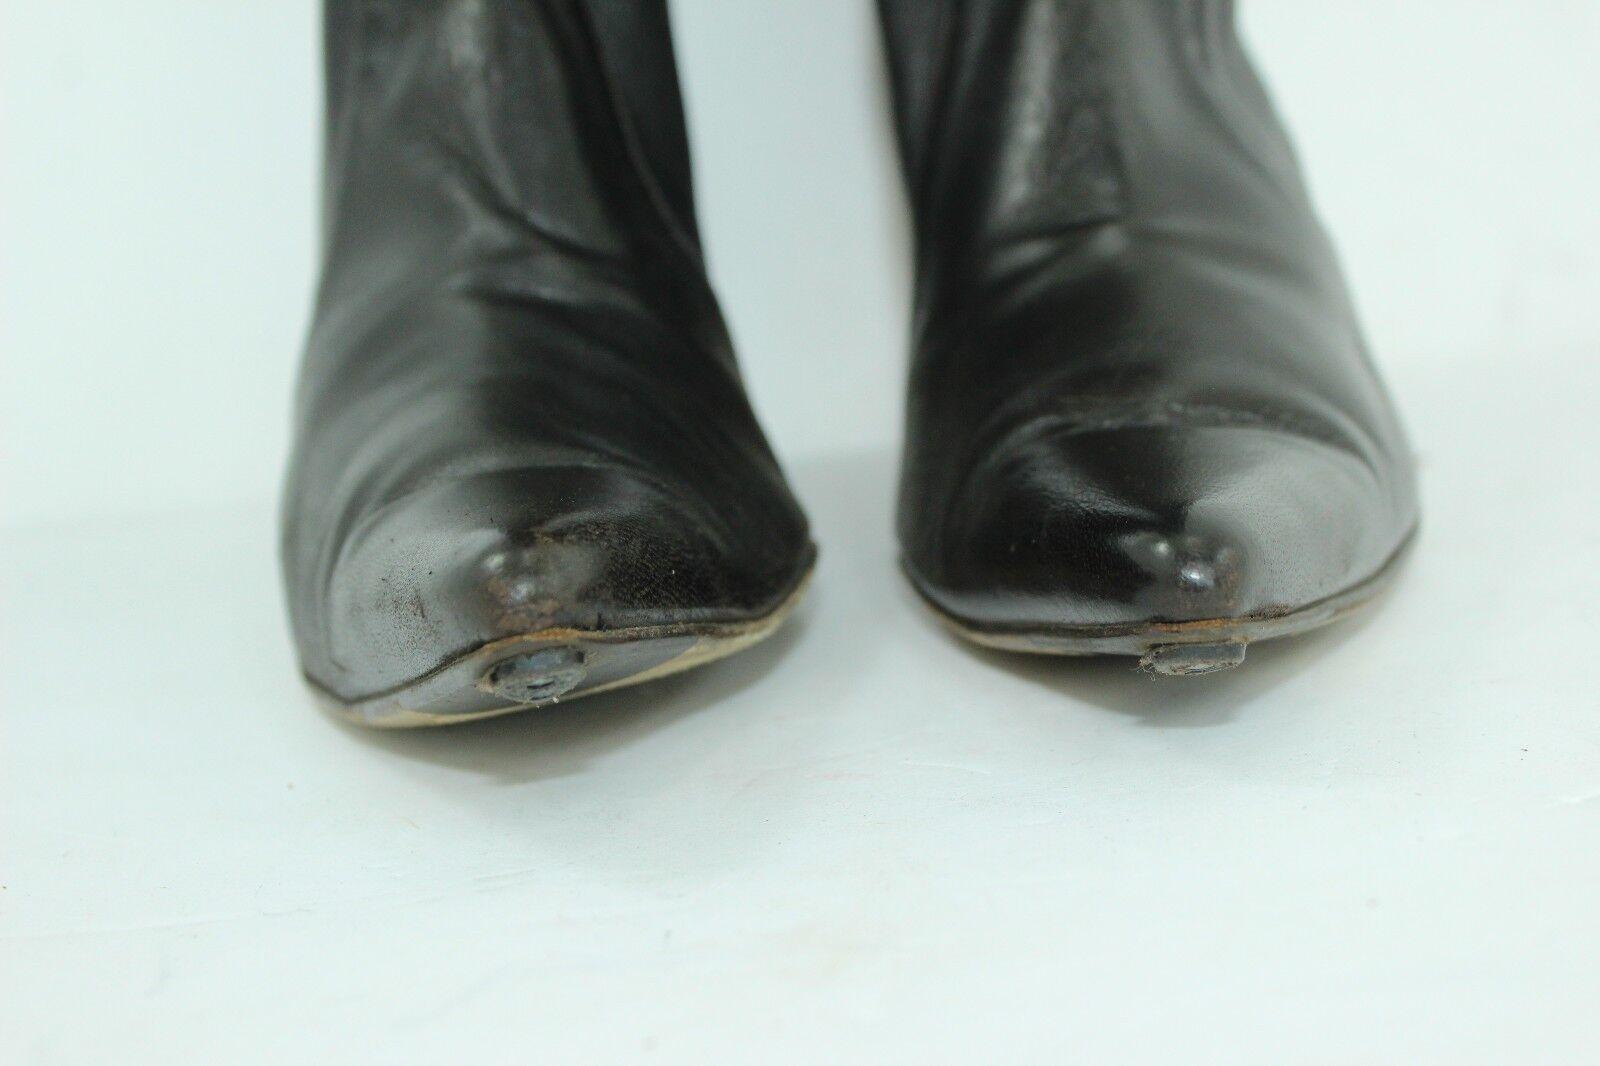 Cole Haan botas talla 8B 8B 8B Cuero Spandex marróns Oscuro en gran condición 31ec2b